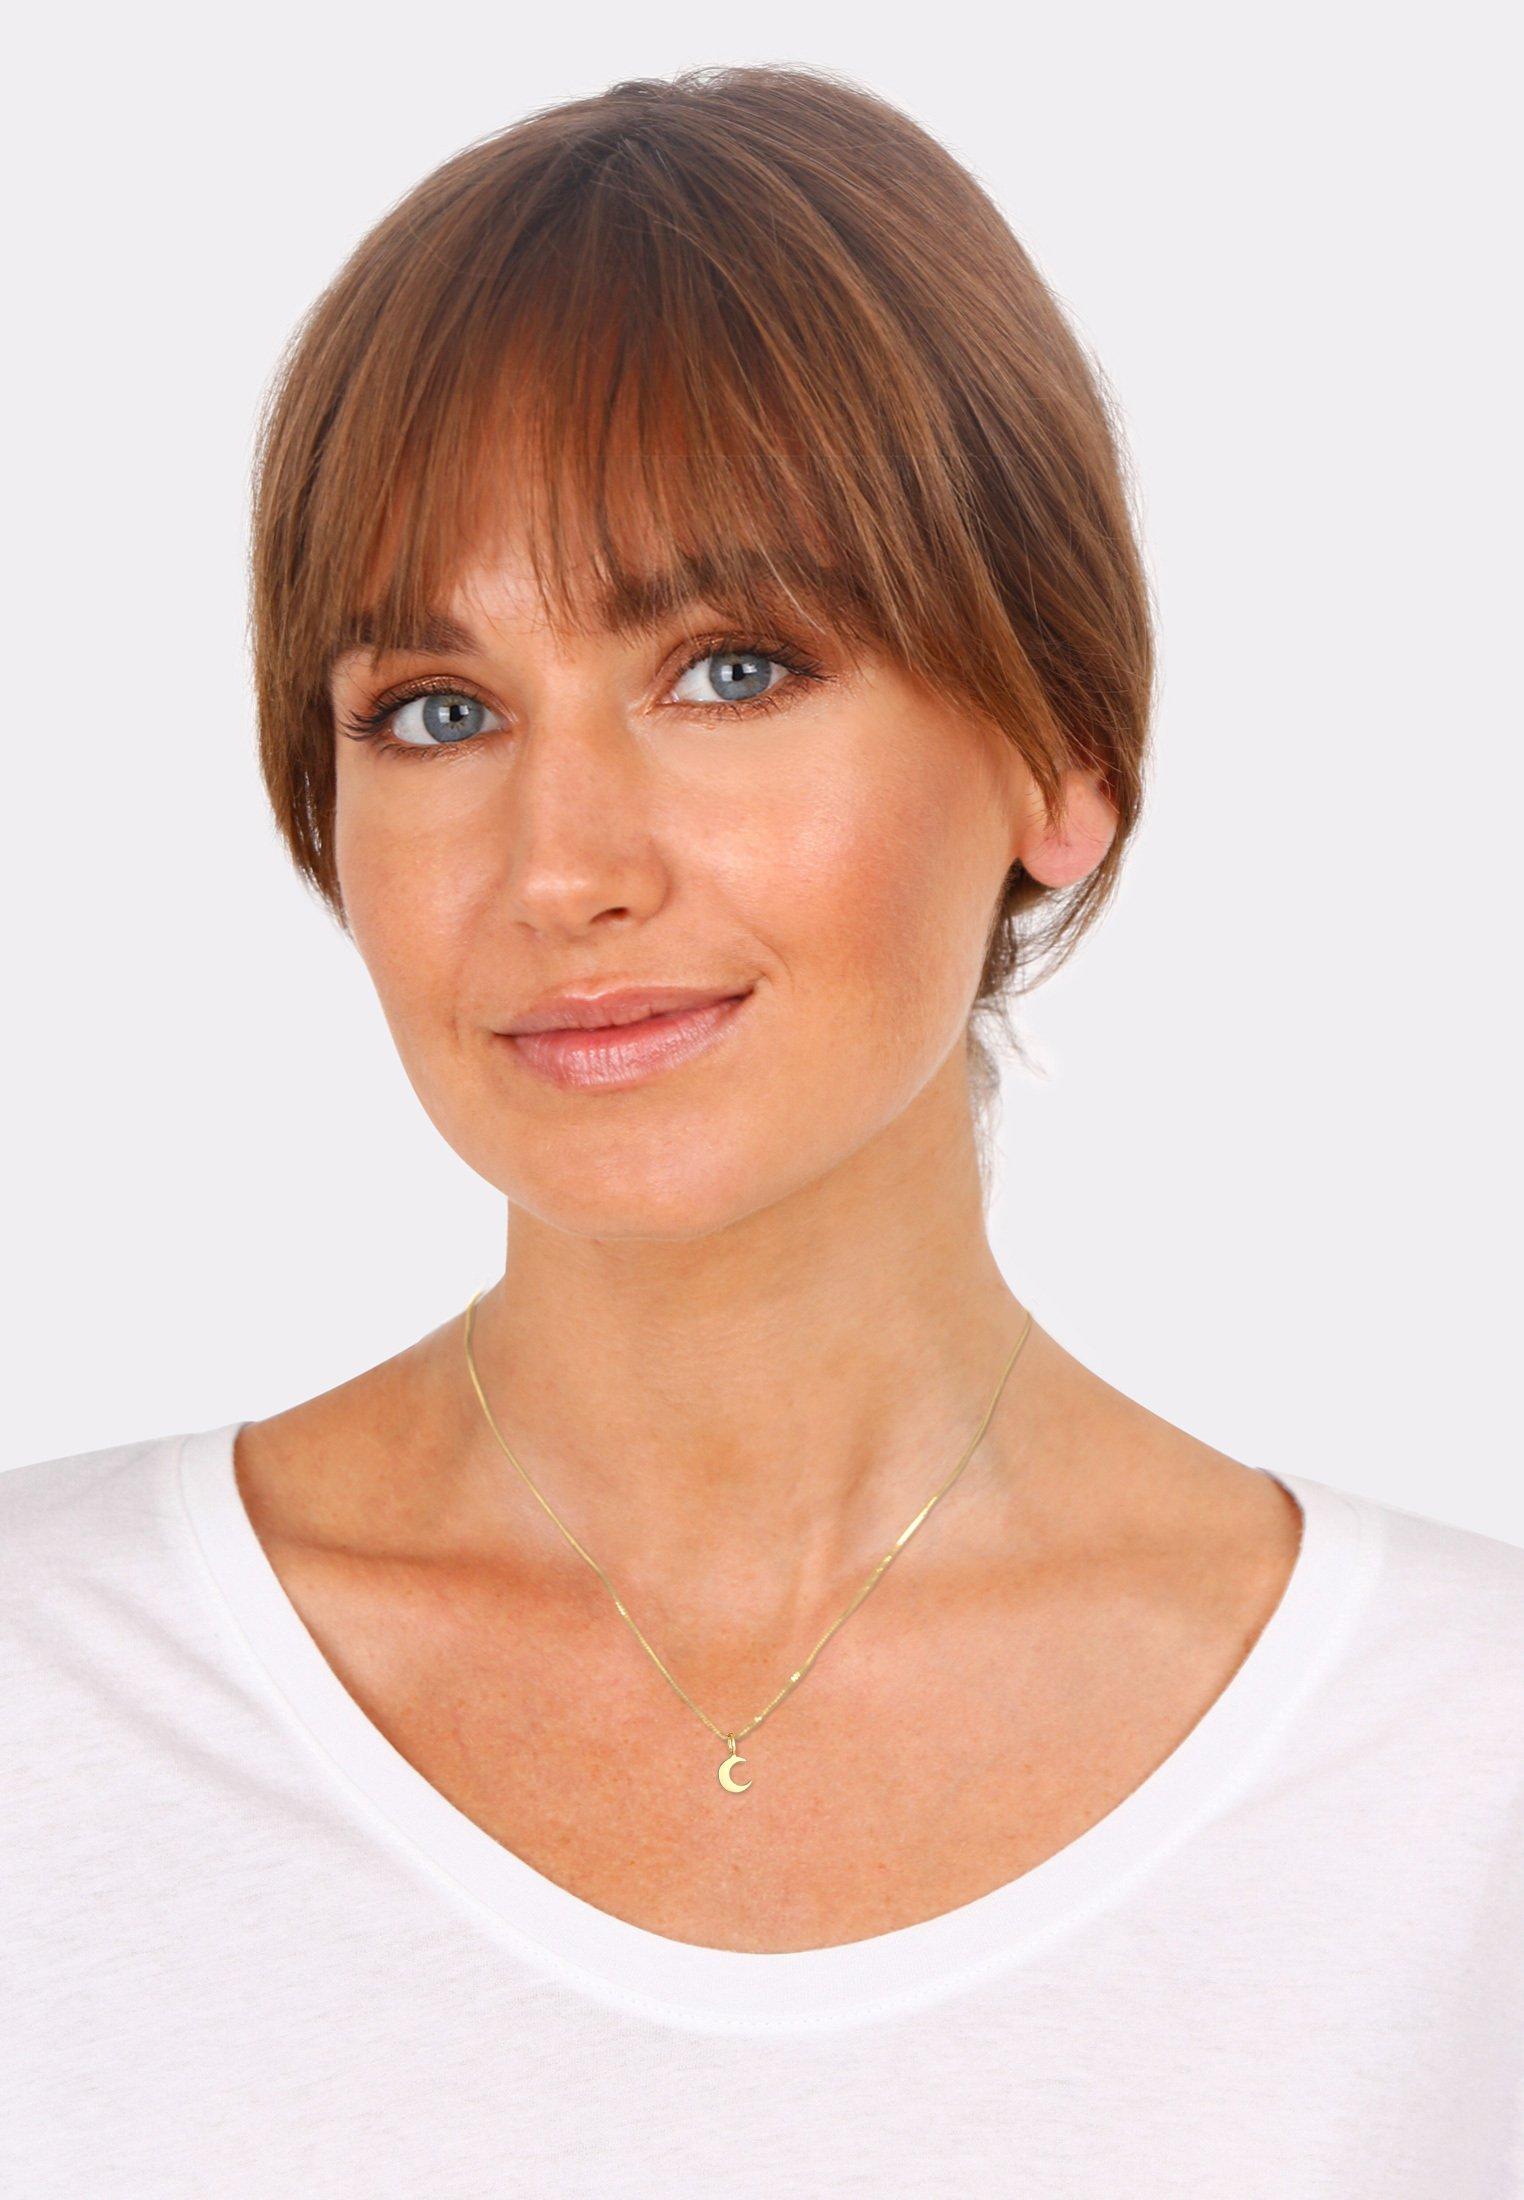 Damen HALBMOND ASTRO BASIC PANZERKETTE - Halskette